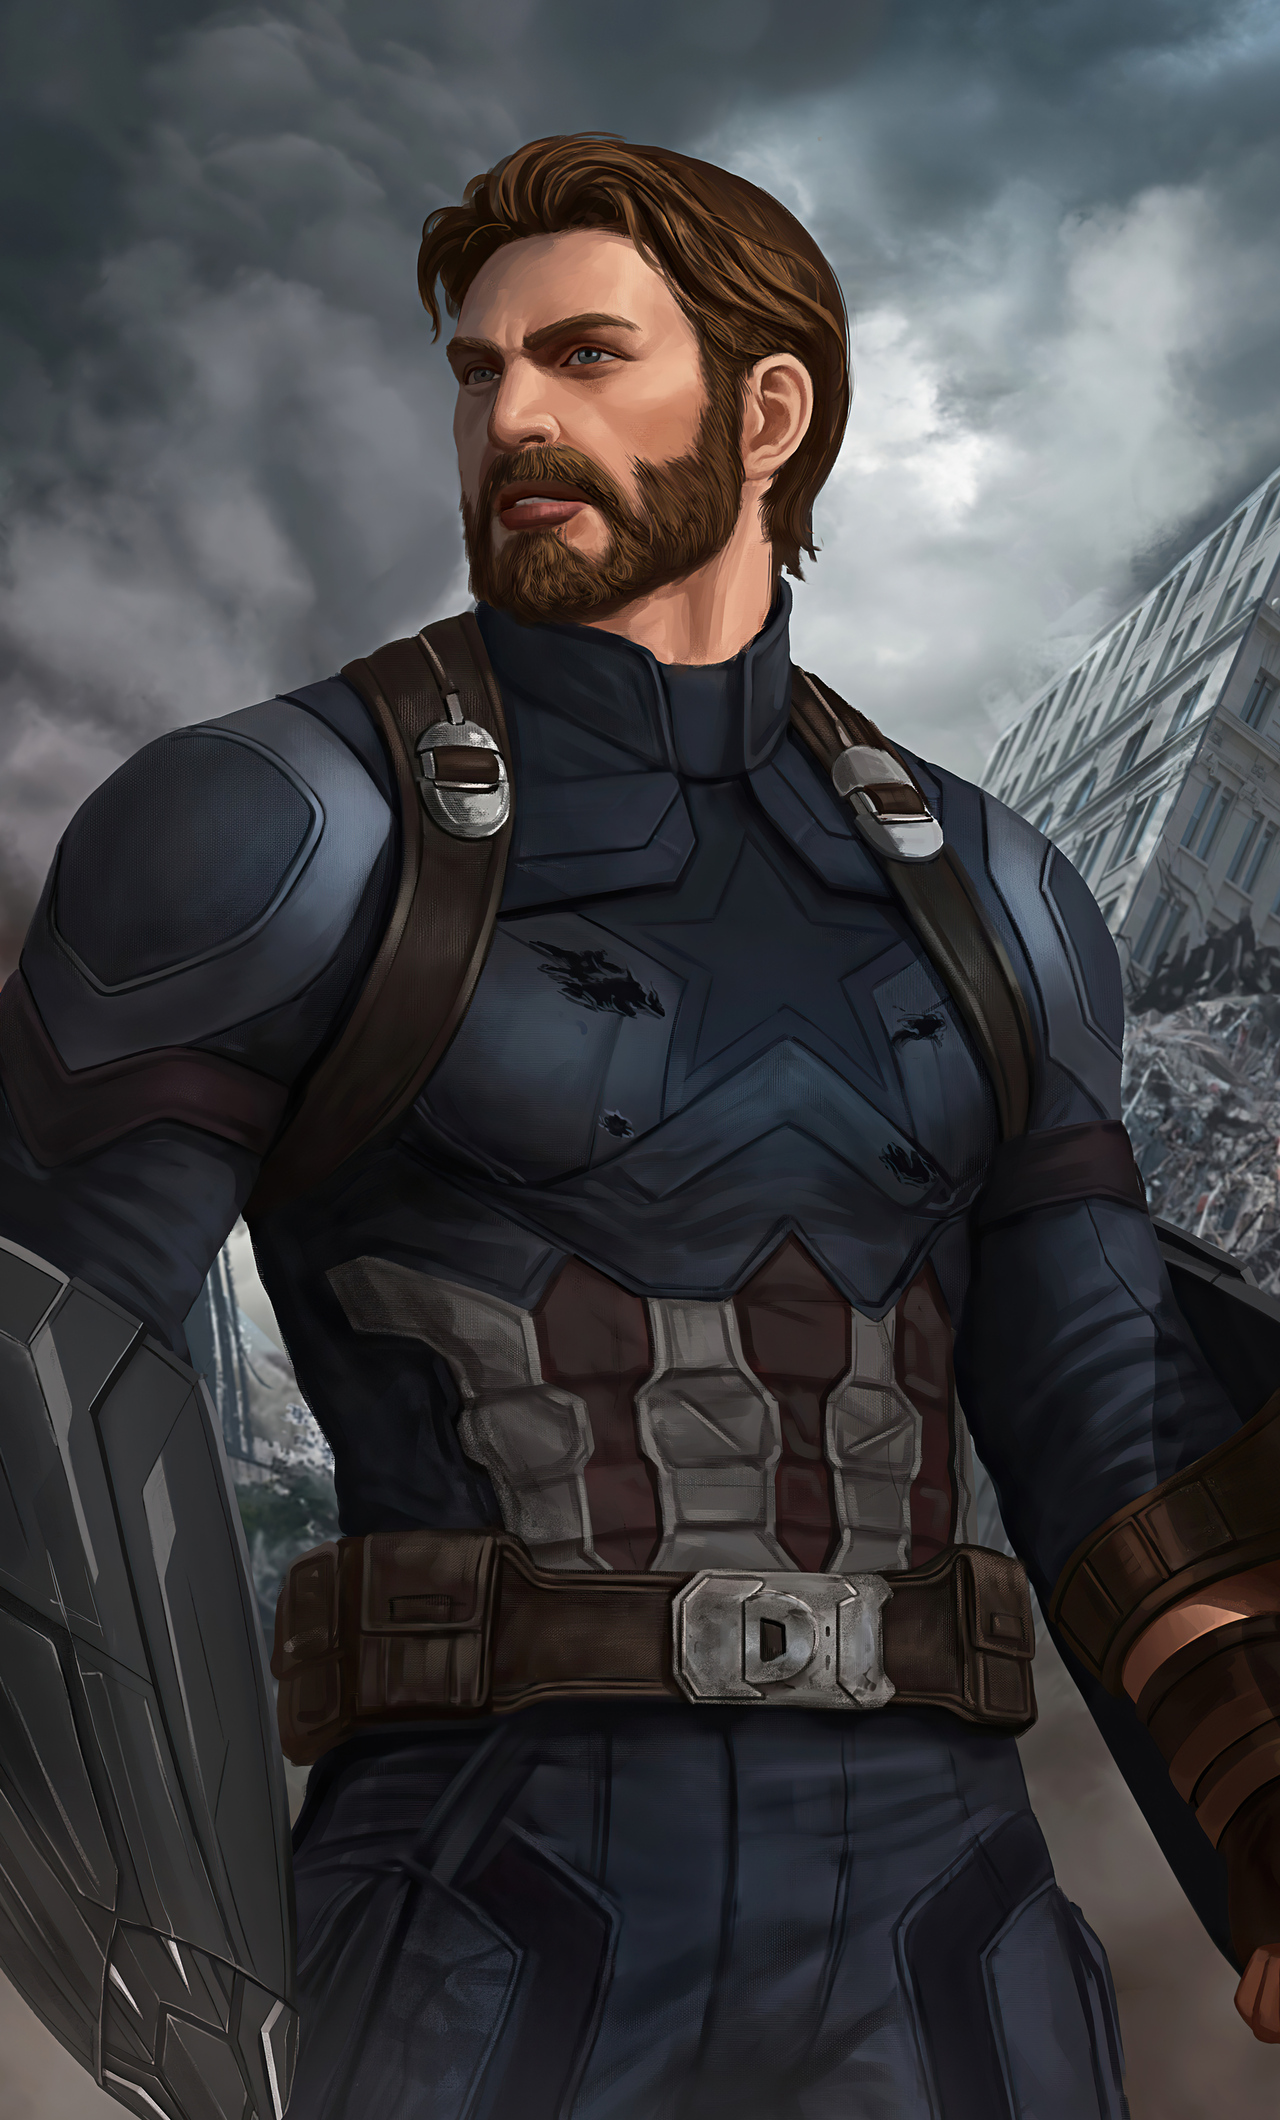 1280x2120 Captain America 2020 Artwork 4k iPhone 6+ HD 4k ...